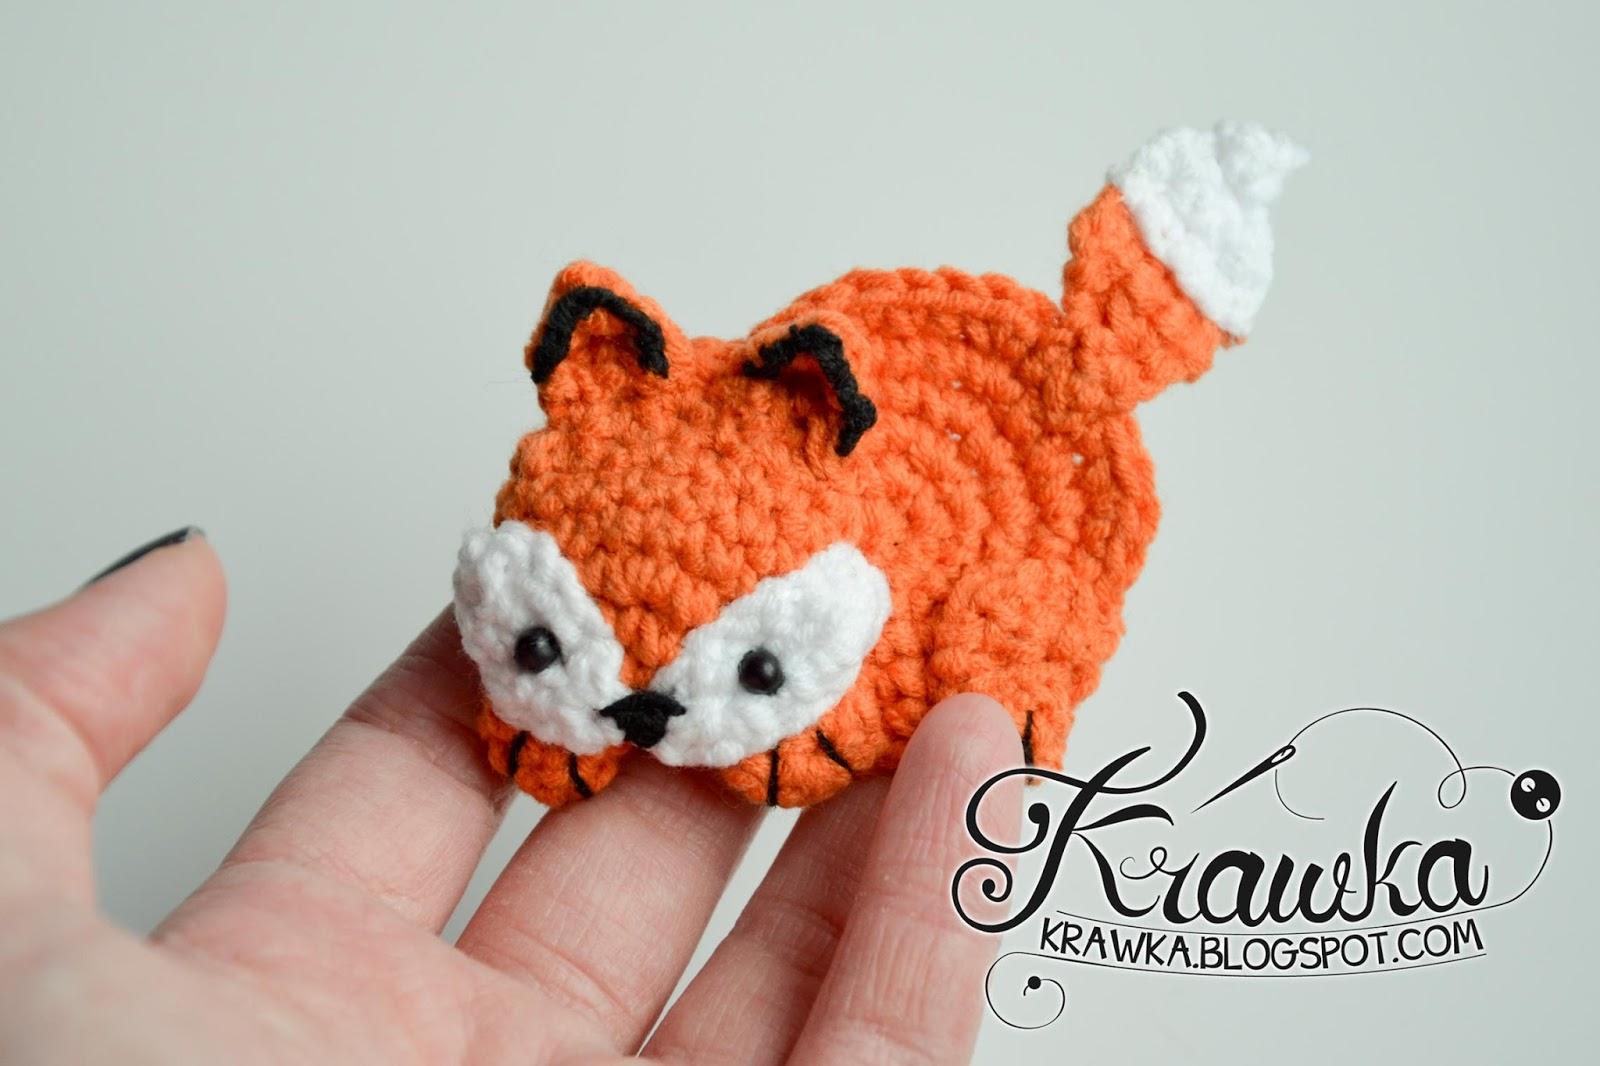 Amigurumi Rattle Free Pattern : Krawka fox brooch free pattern